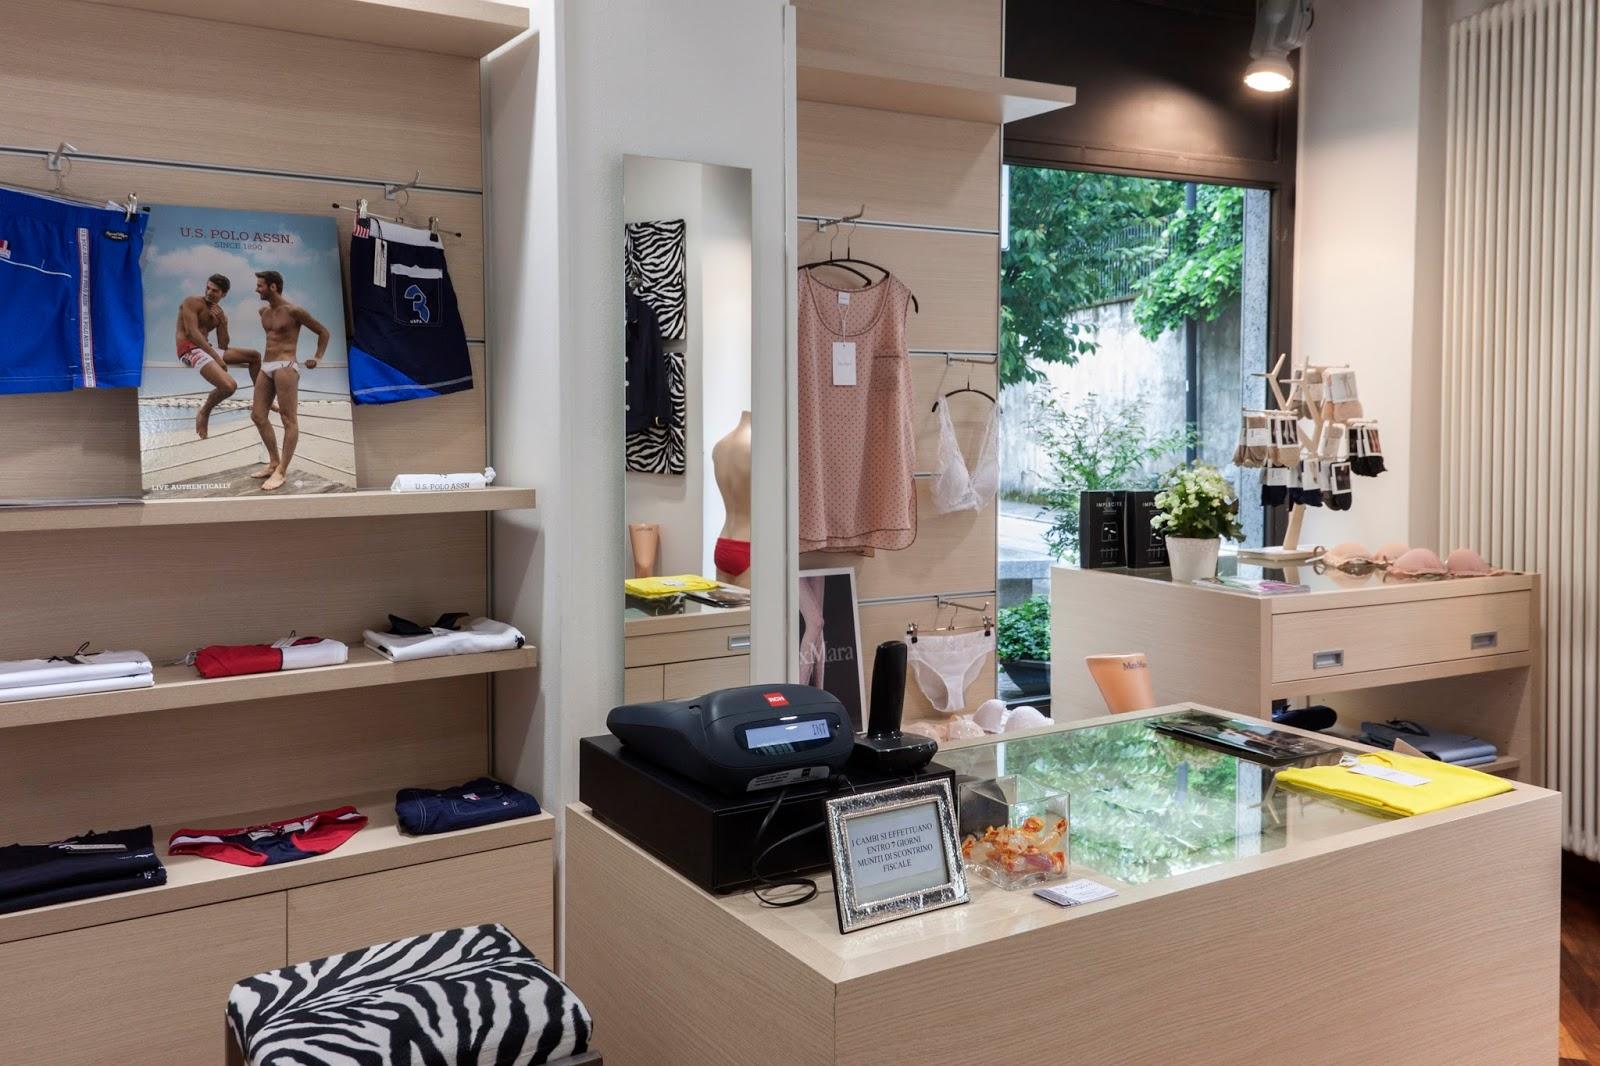 Intimi segreti negozio di intimo calze in cant maggio 2016 for Negozi arredamento cantu